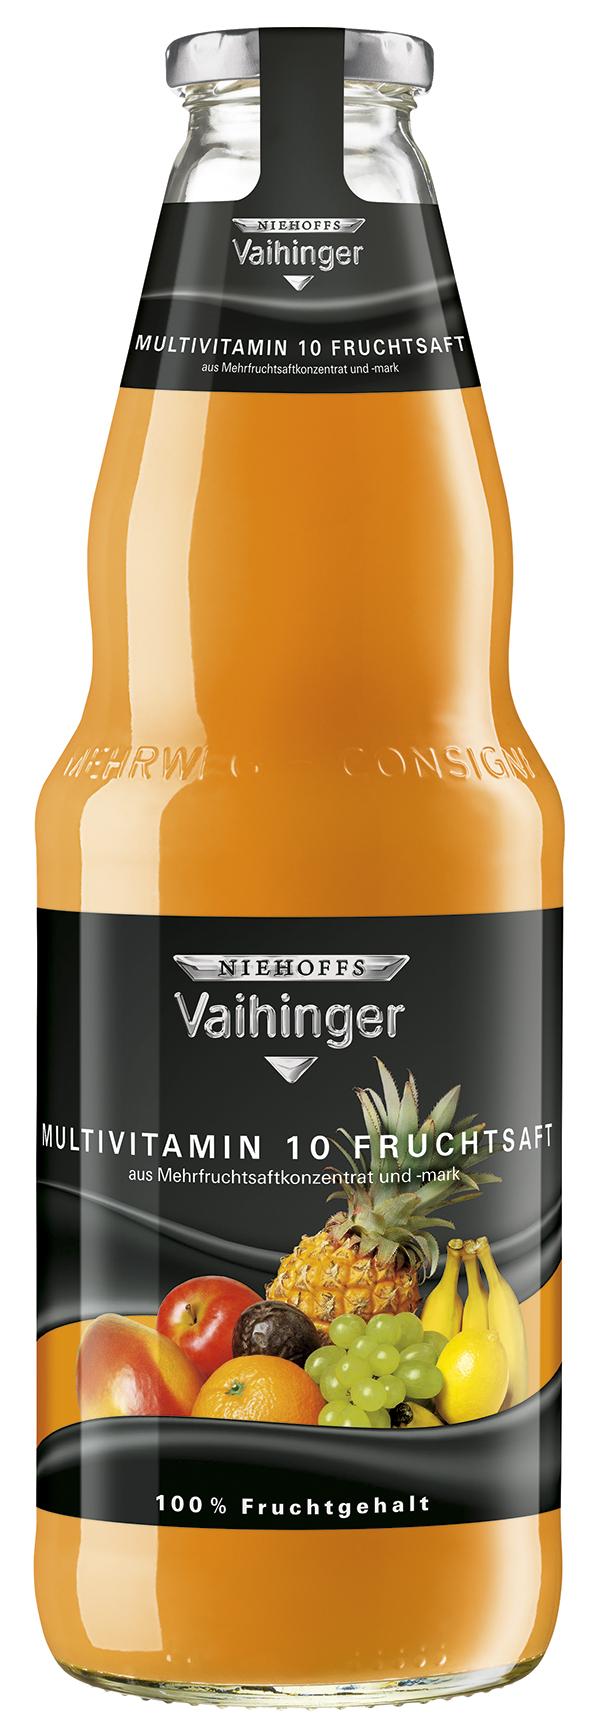 Vaihinger Multivitamin 10 Fruchtsaft